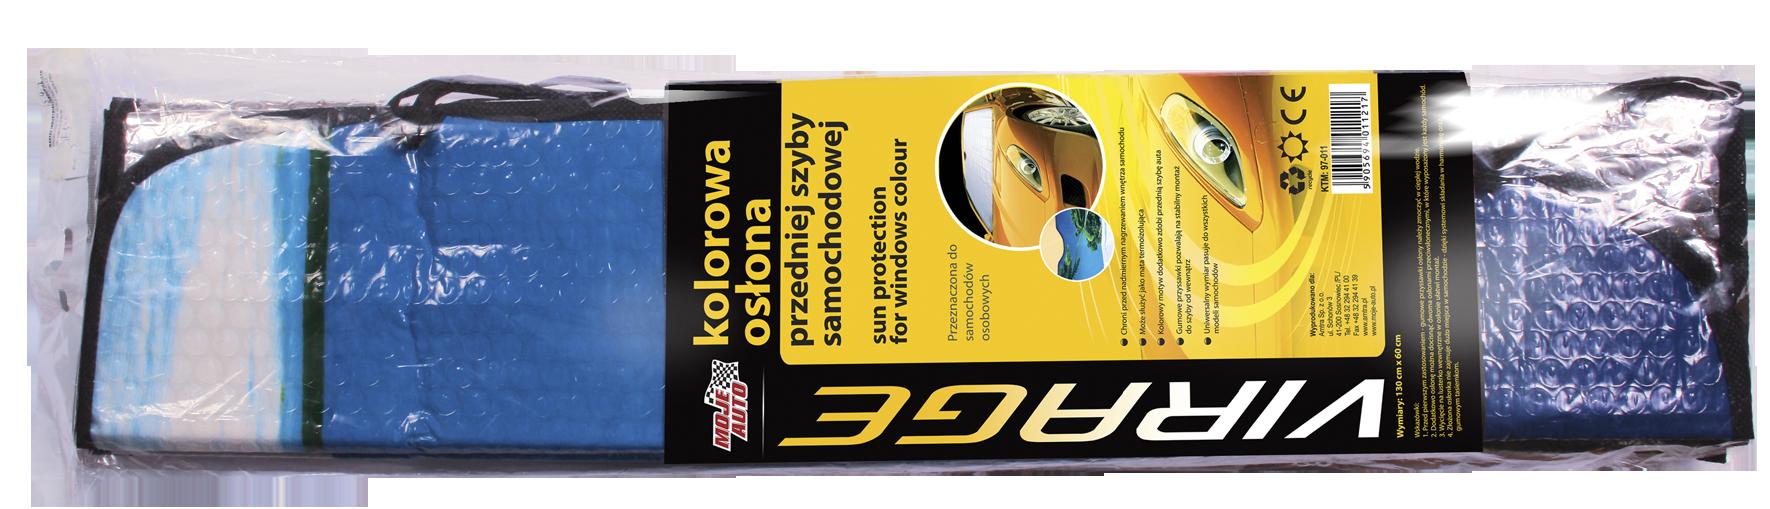 Folie de protecţie parbriz VIRAGE 97-011 5905694011217